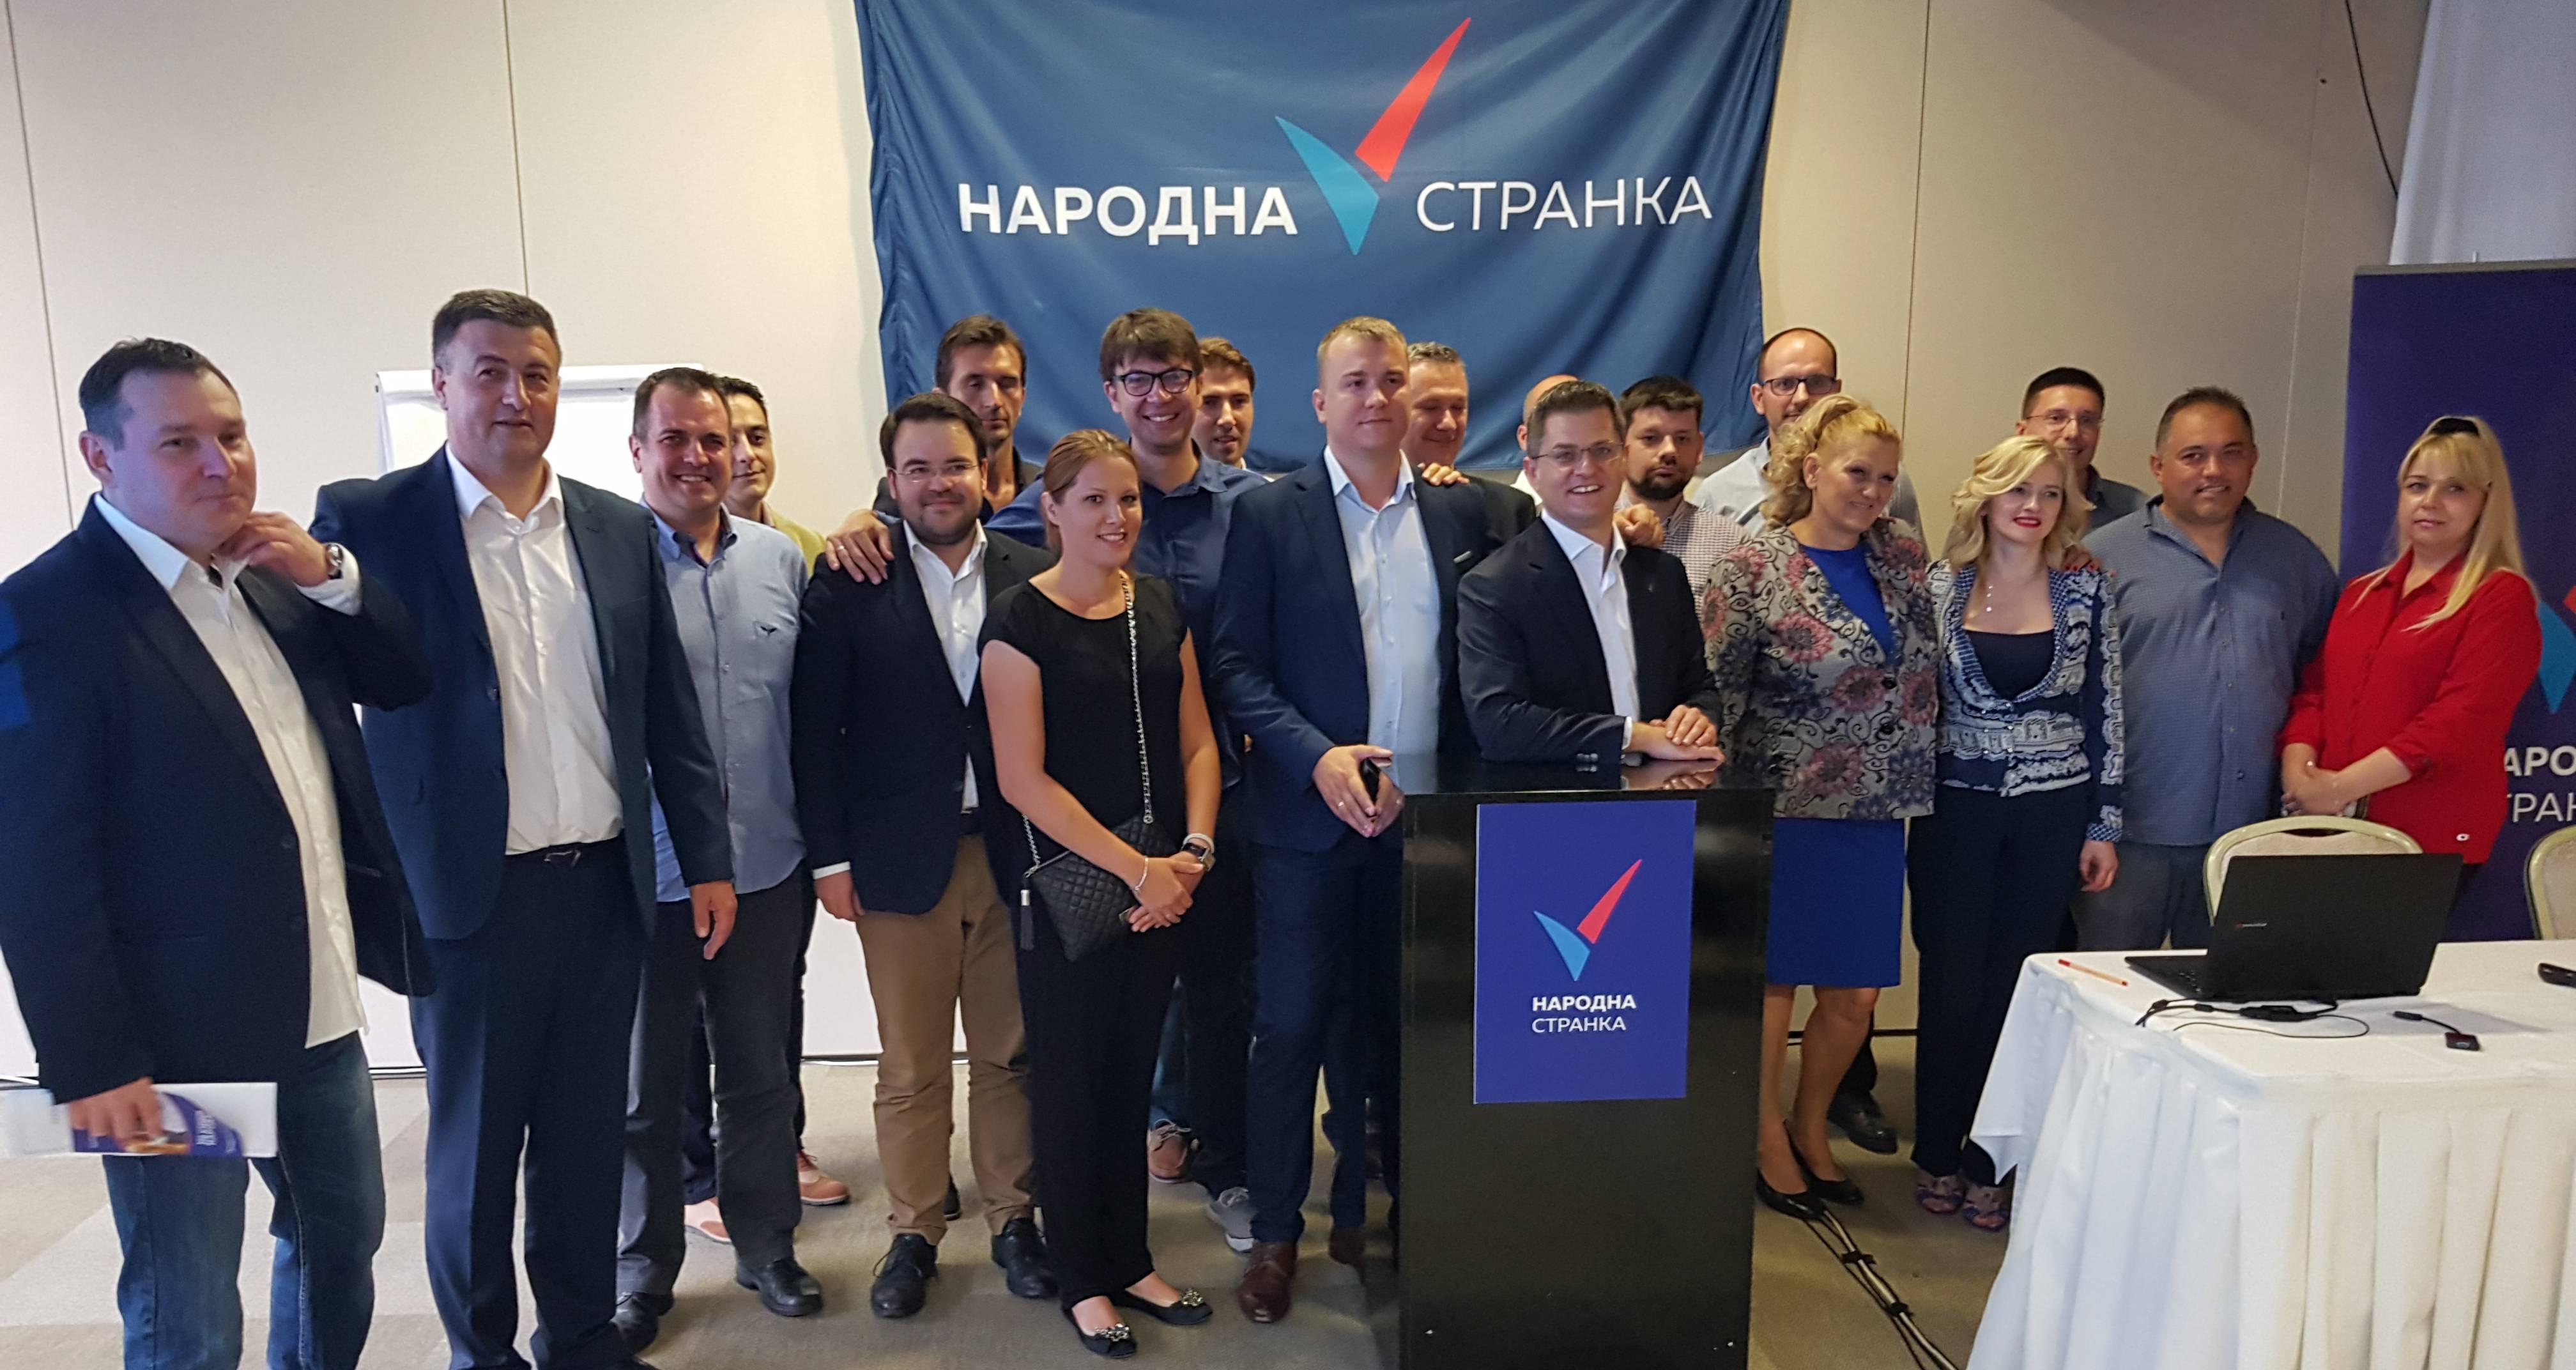 Београд: Основан општински одбор Народне странке Палилула